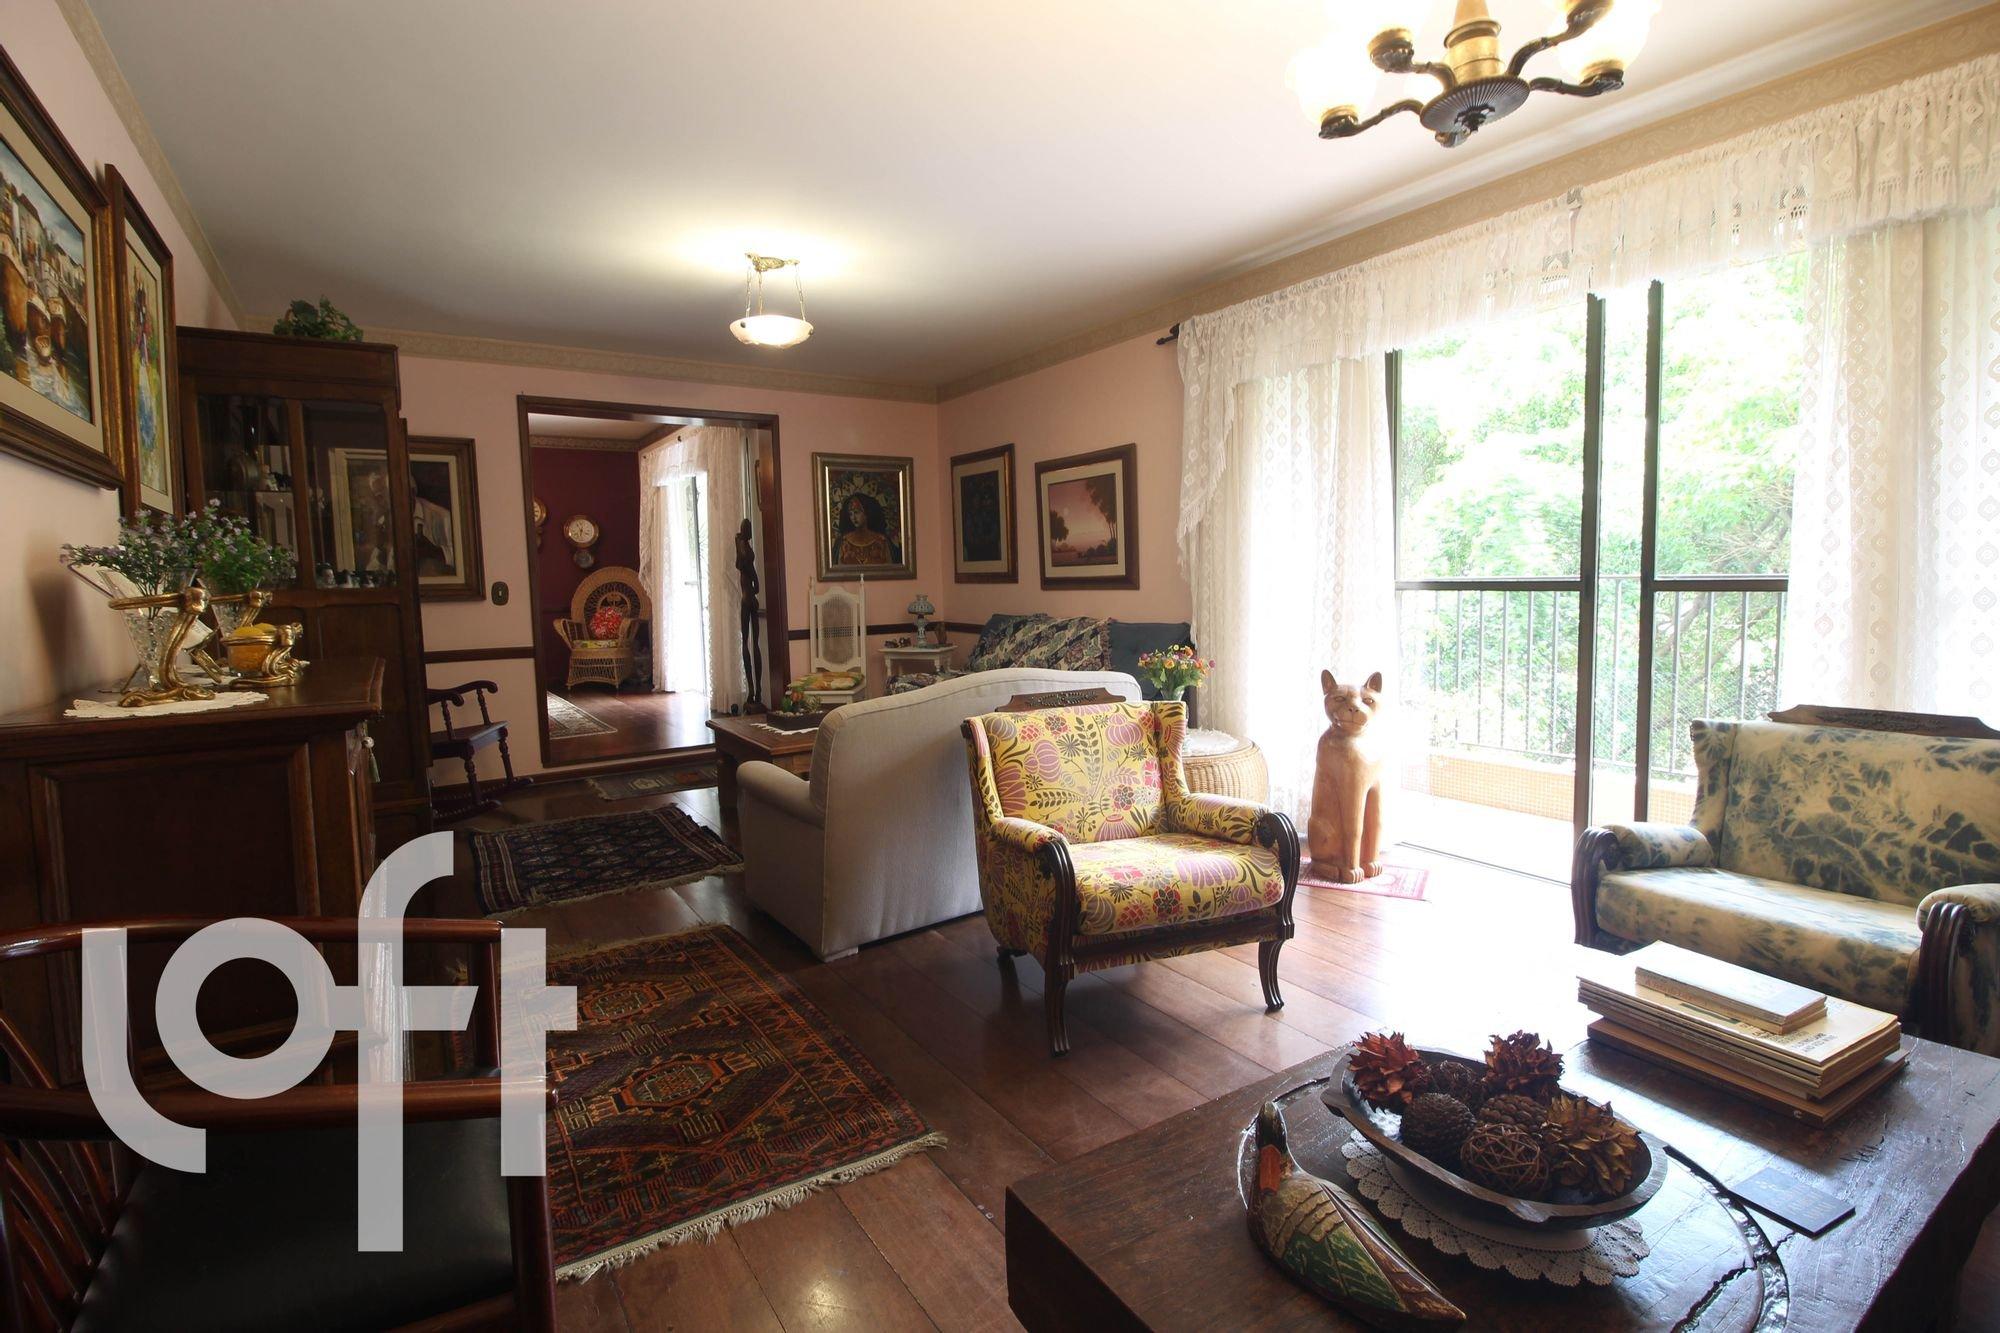 Foto de Sala com vaso de planta, sofá, cadeira, gato